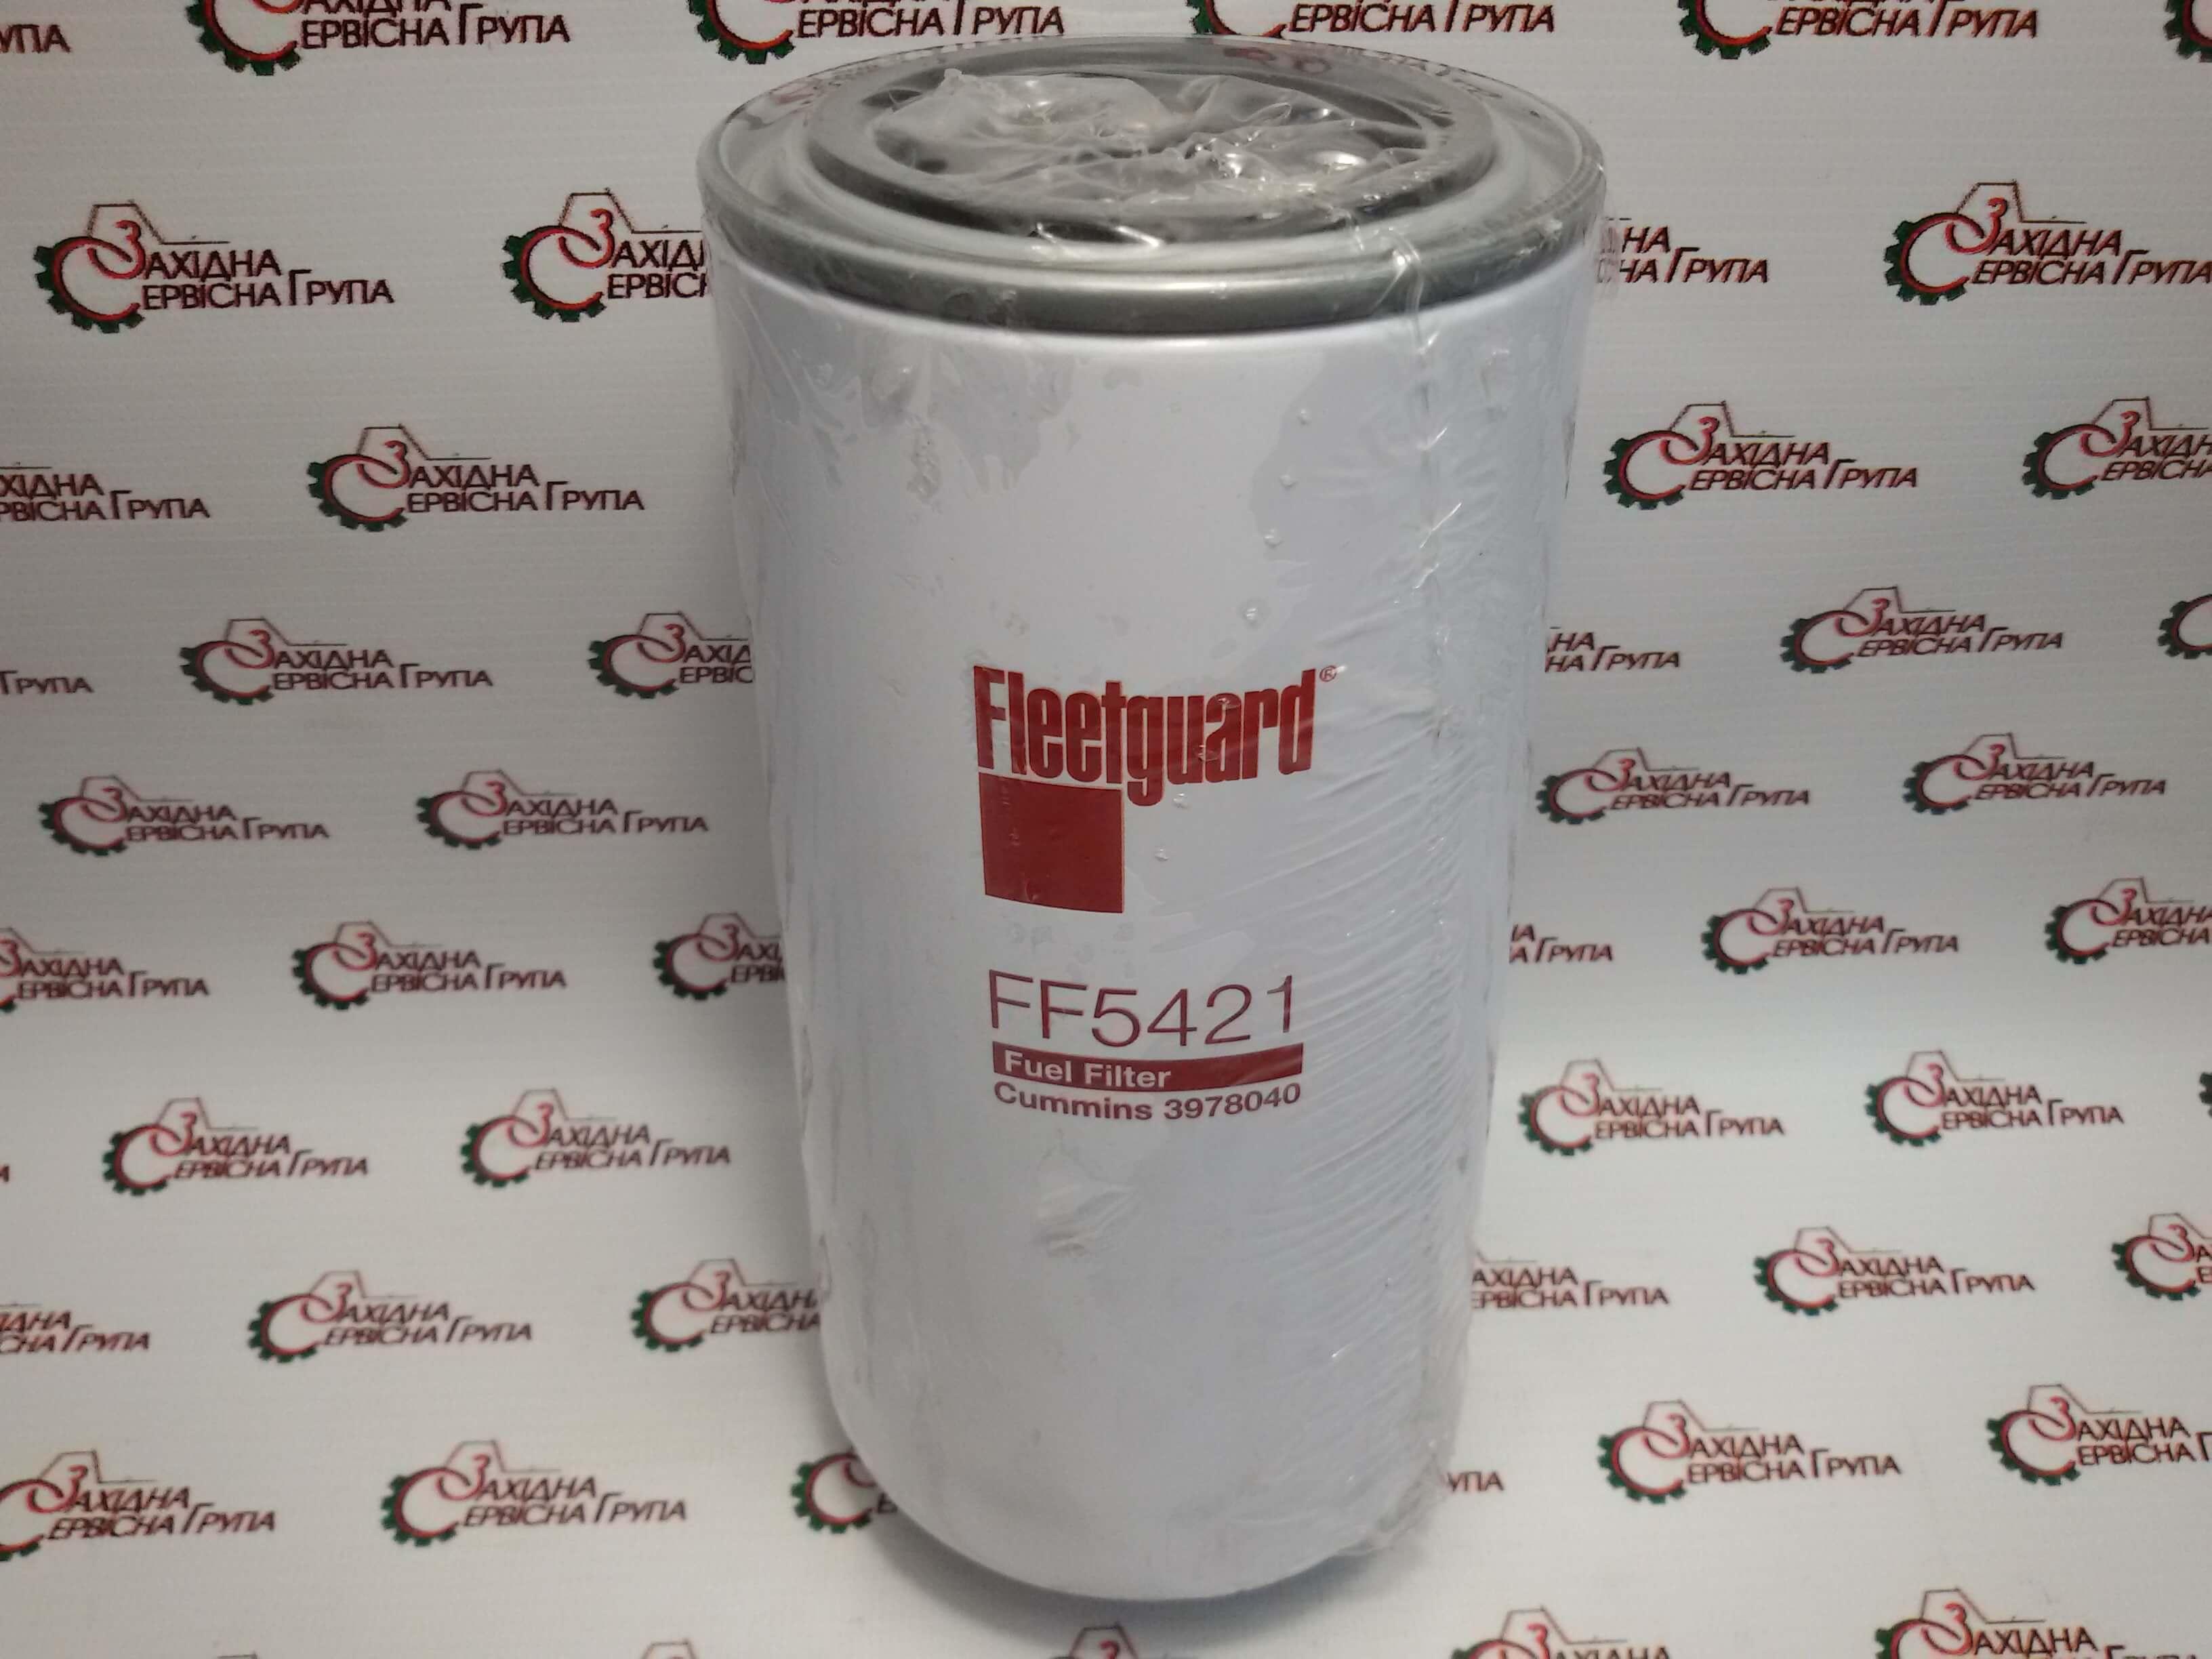 Фільтр паливний Cummins Fleetguard FF5421, 3978040, 4897833.